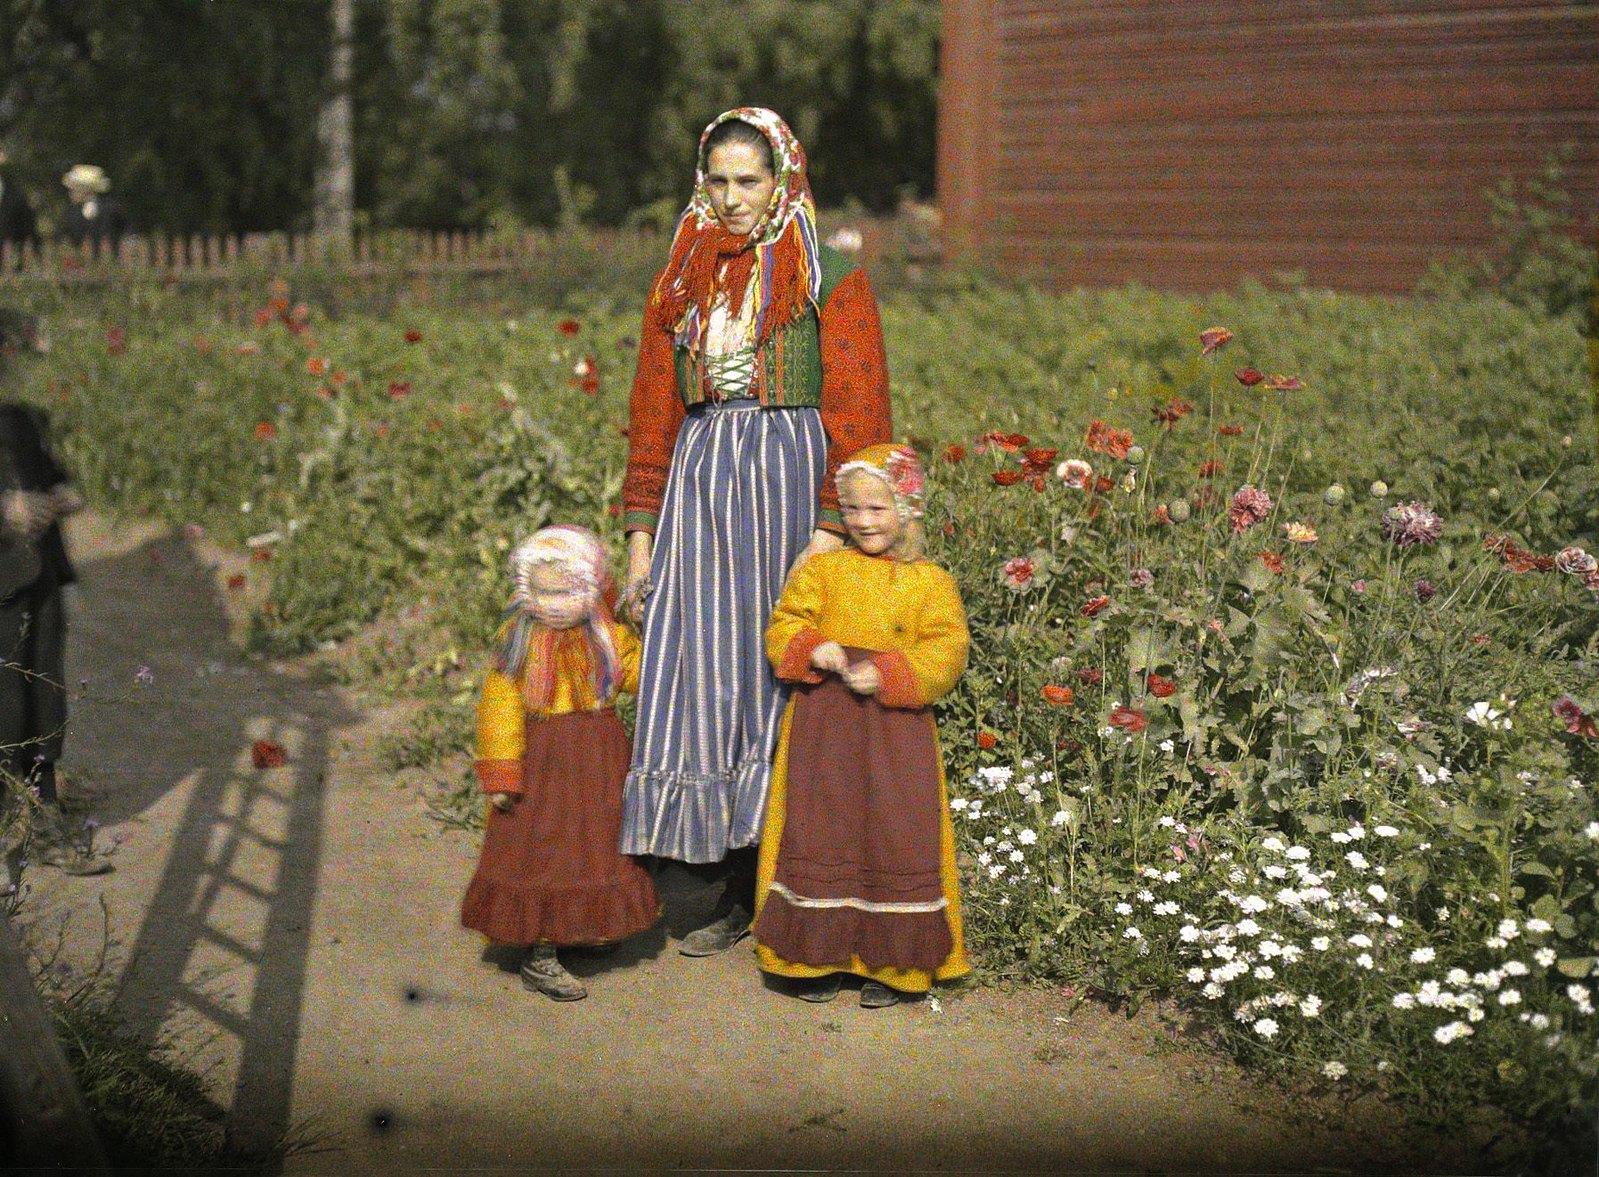 1910. Мать и дочери в традиционной одежде, Швеция